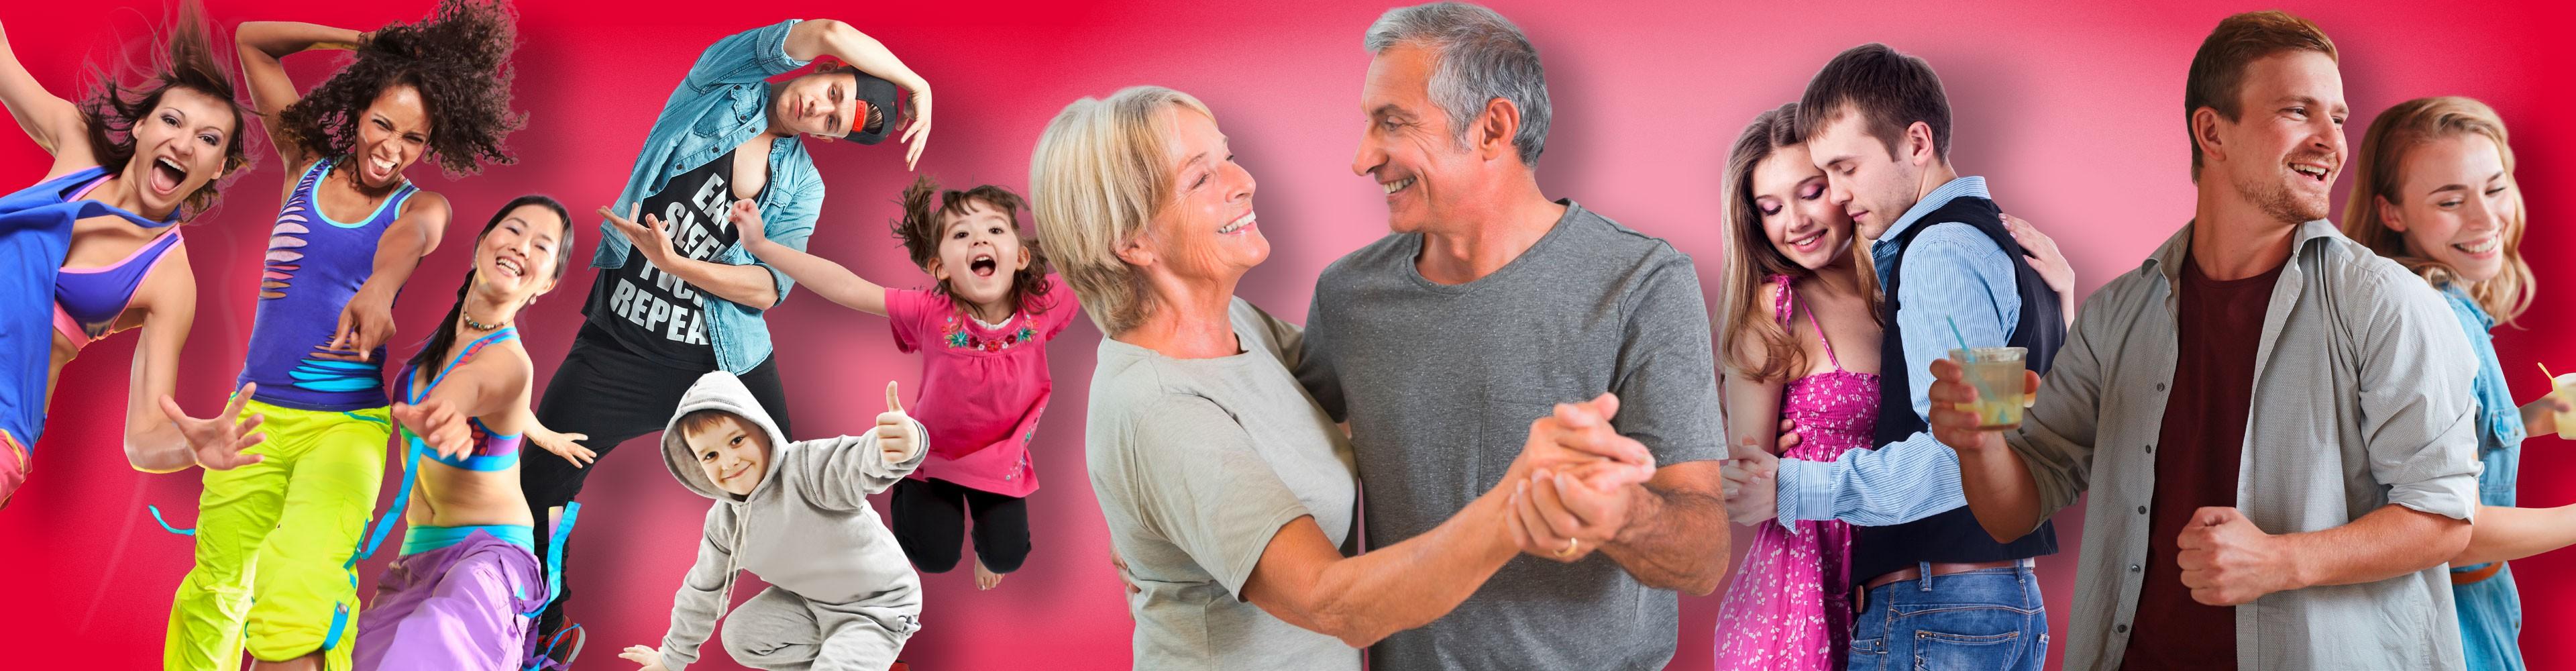 Freundin beim tanzen kennenlernen